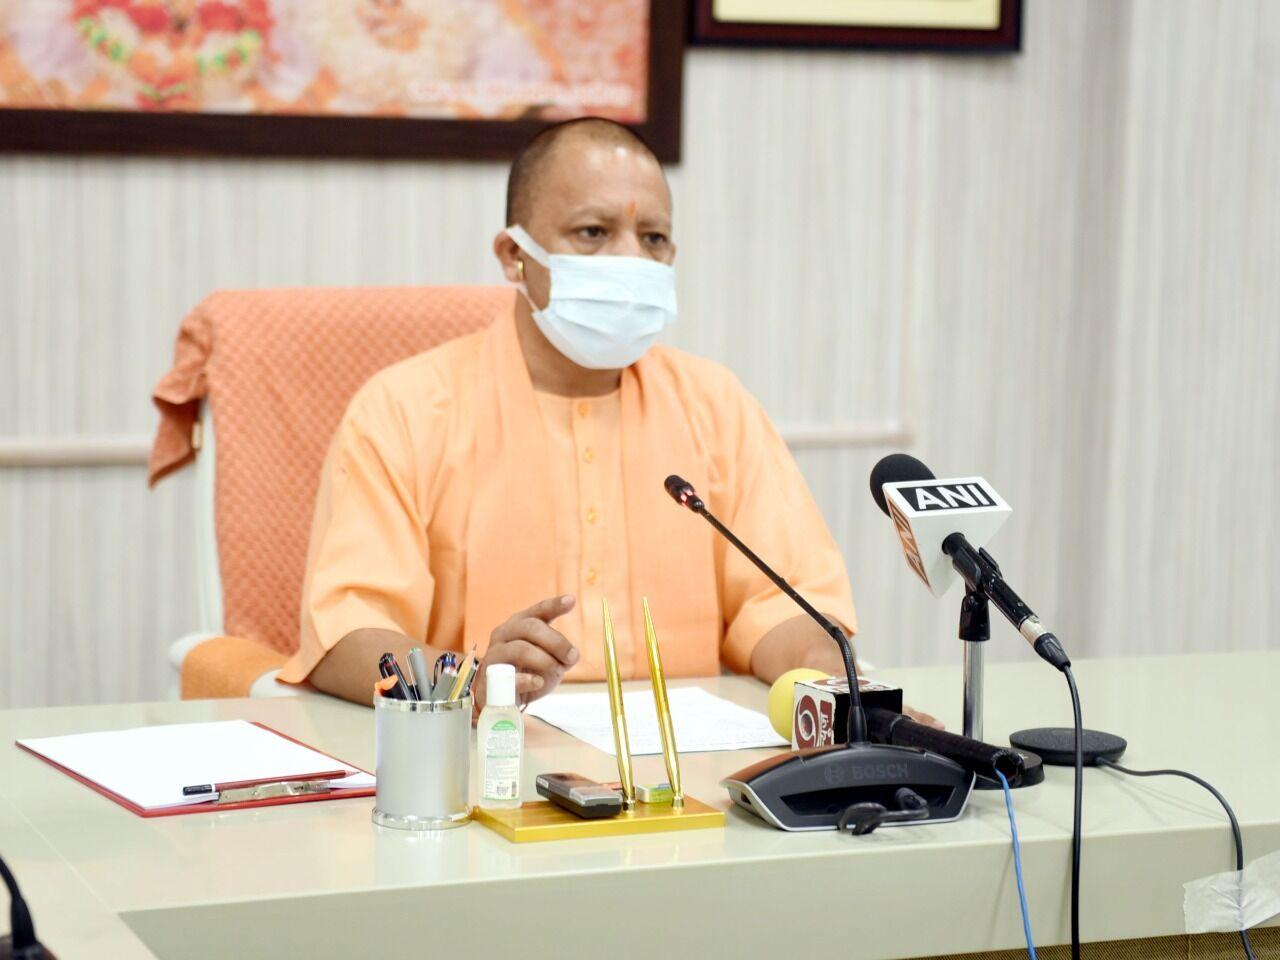 योगी के सहारे ही यूपी में चुनावी वैतरणी पार करेगी भाजपा, मुख्यमंत्री की सक्रियता को सकारात्मक मान रही पार्टी